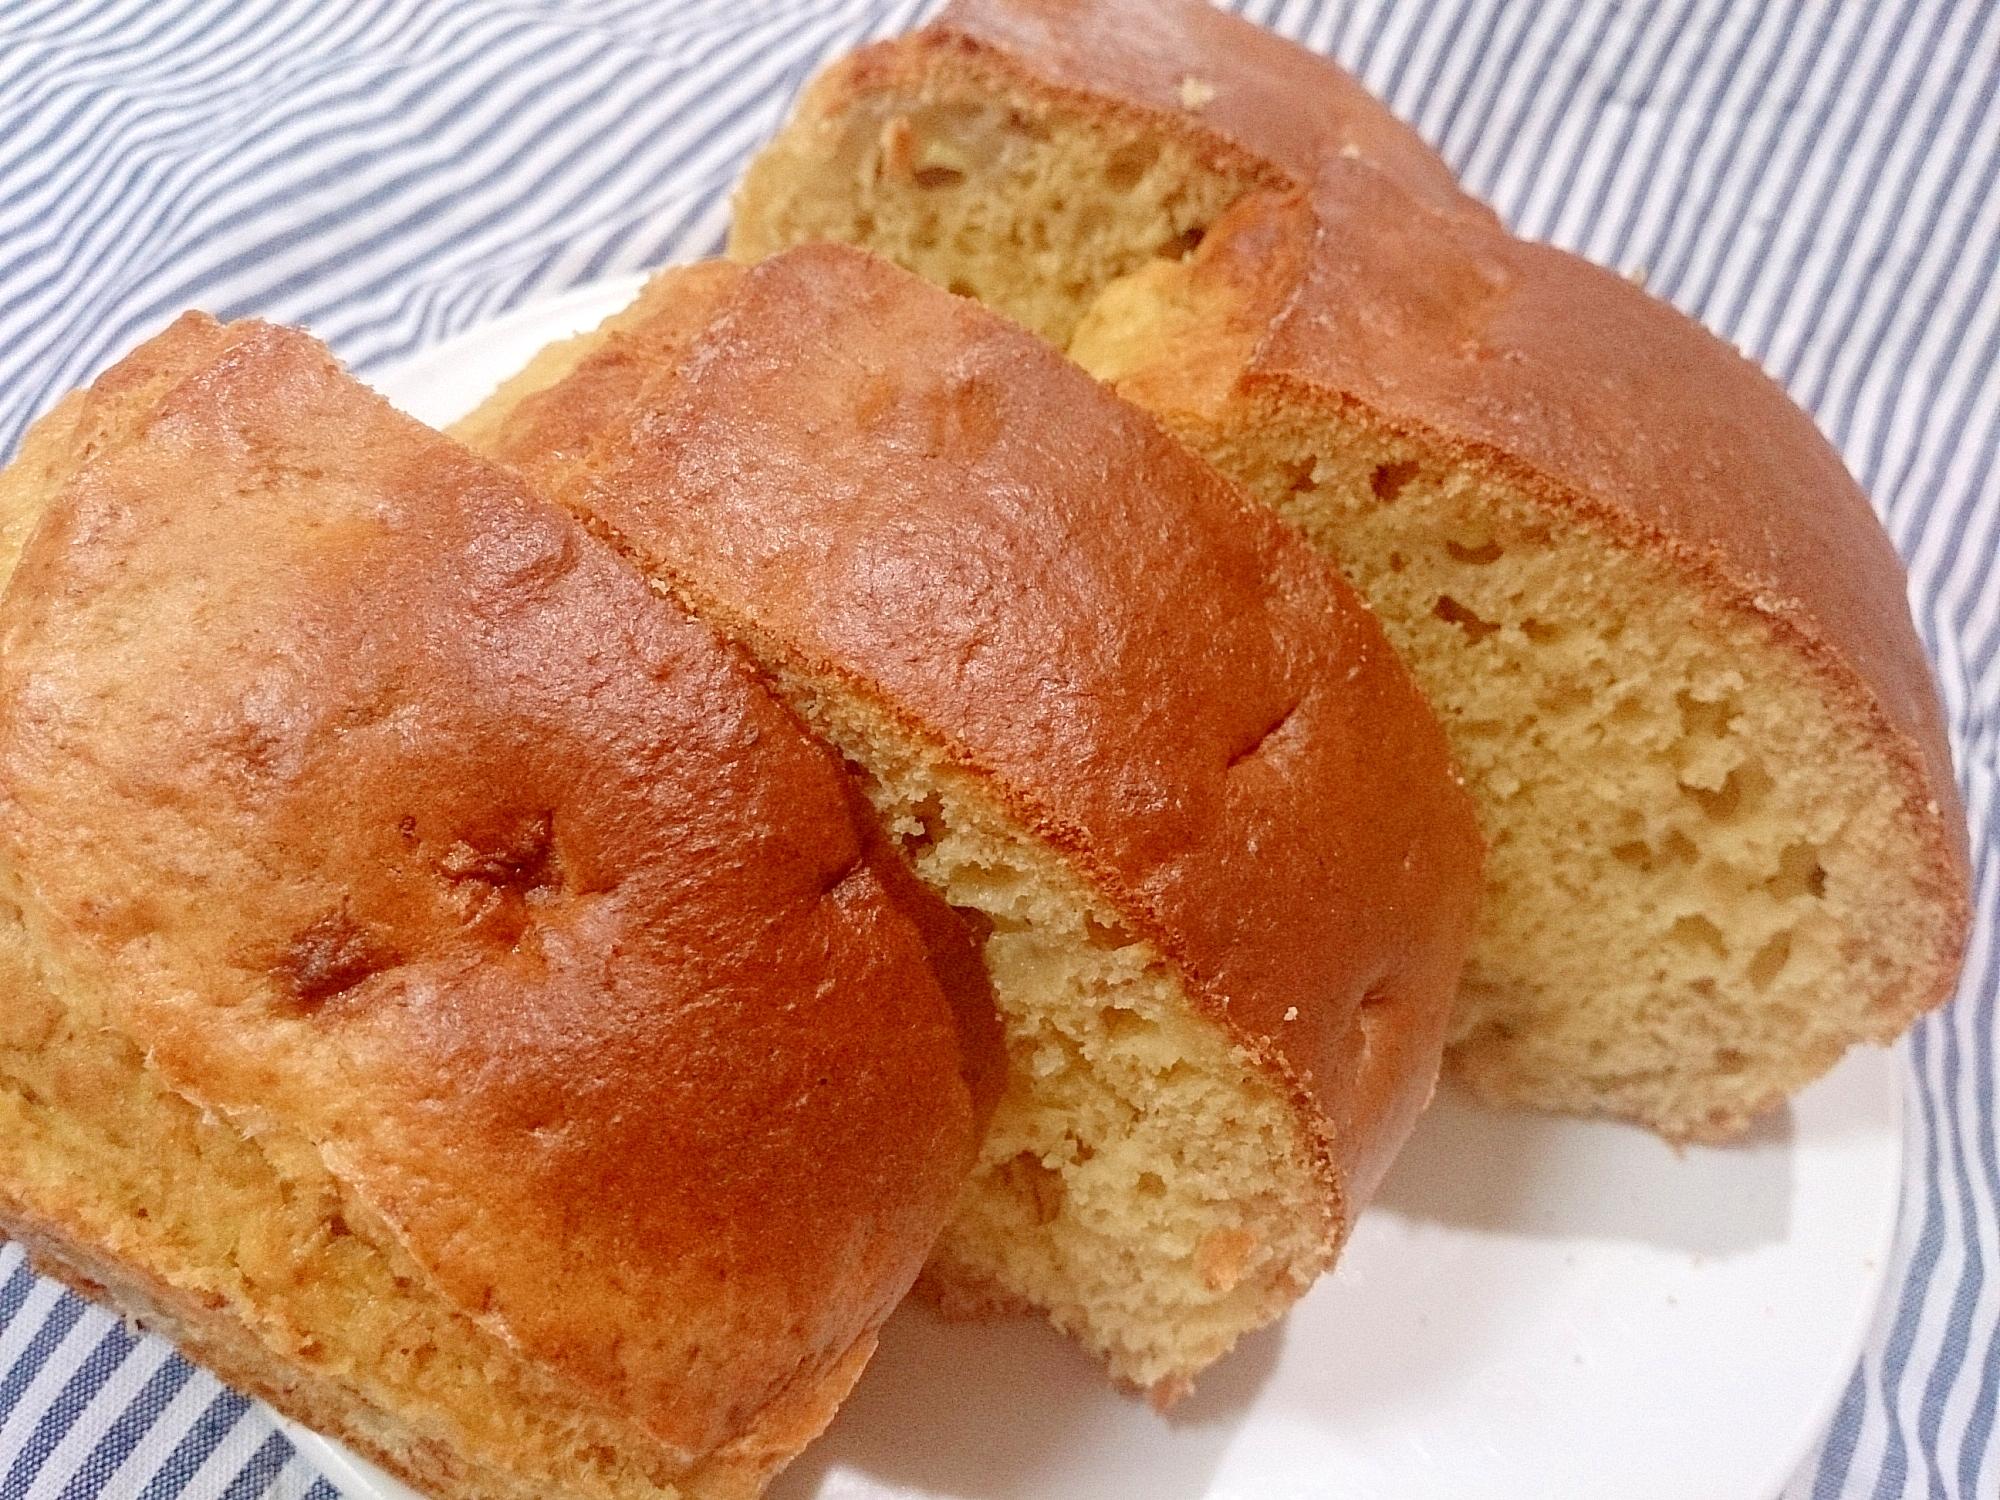 バナナパウンドケーキ(ノンフライヤー)